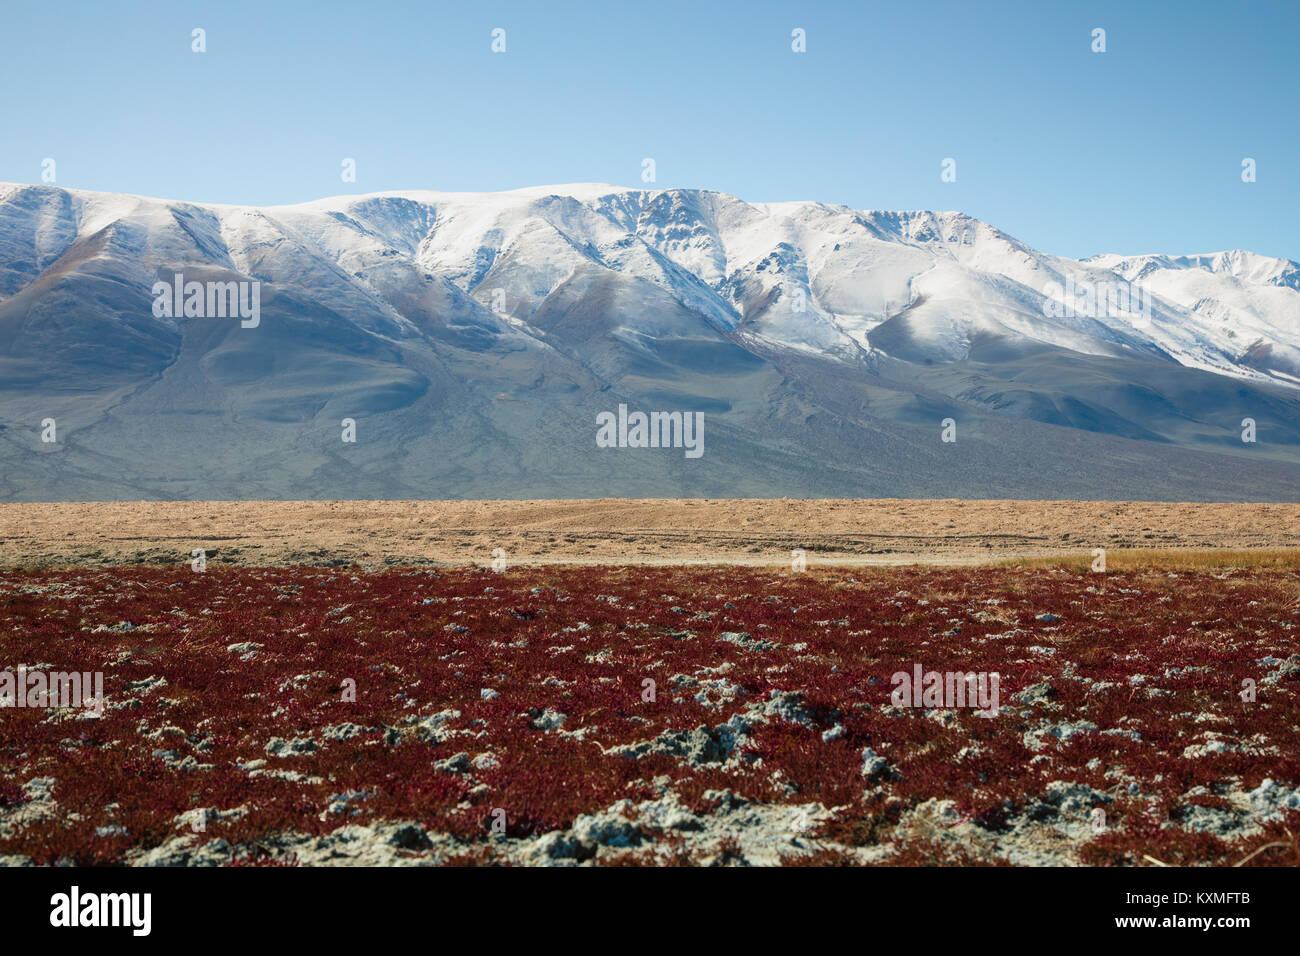 Snowy Mountains Red Grass pflanzen Mongolei steppen Grasland Stockbild